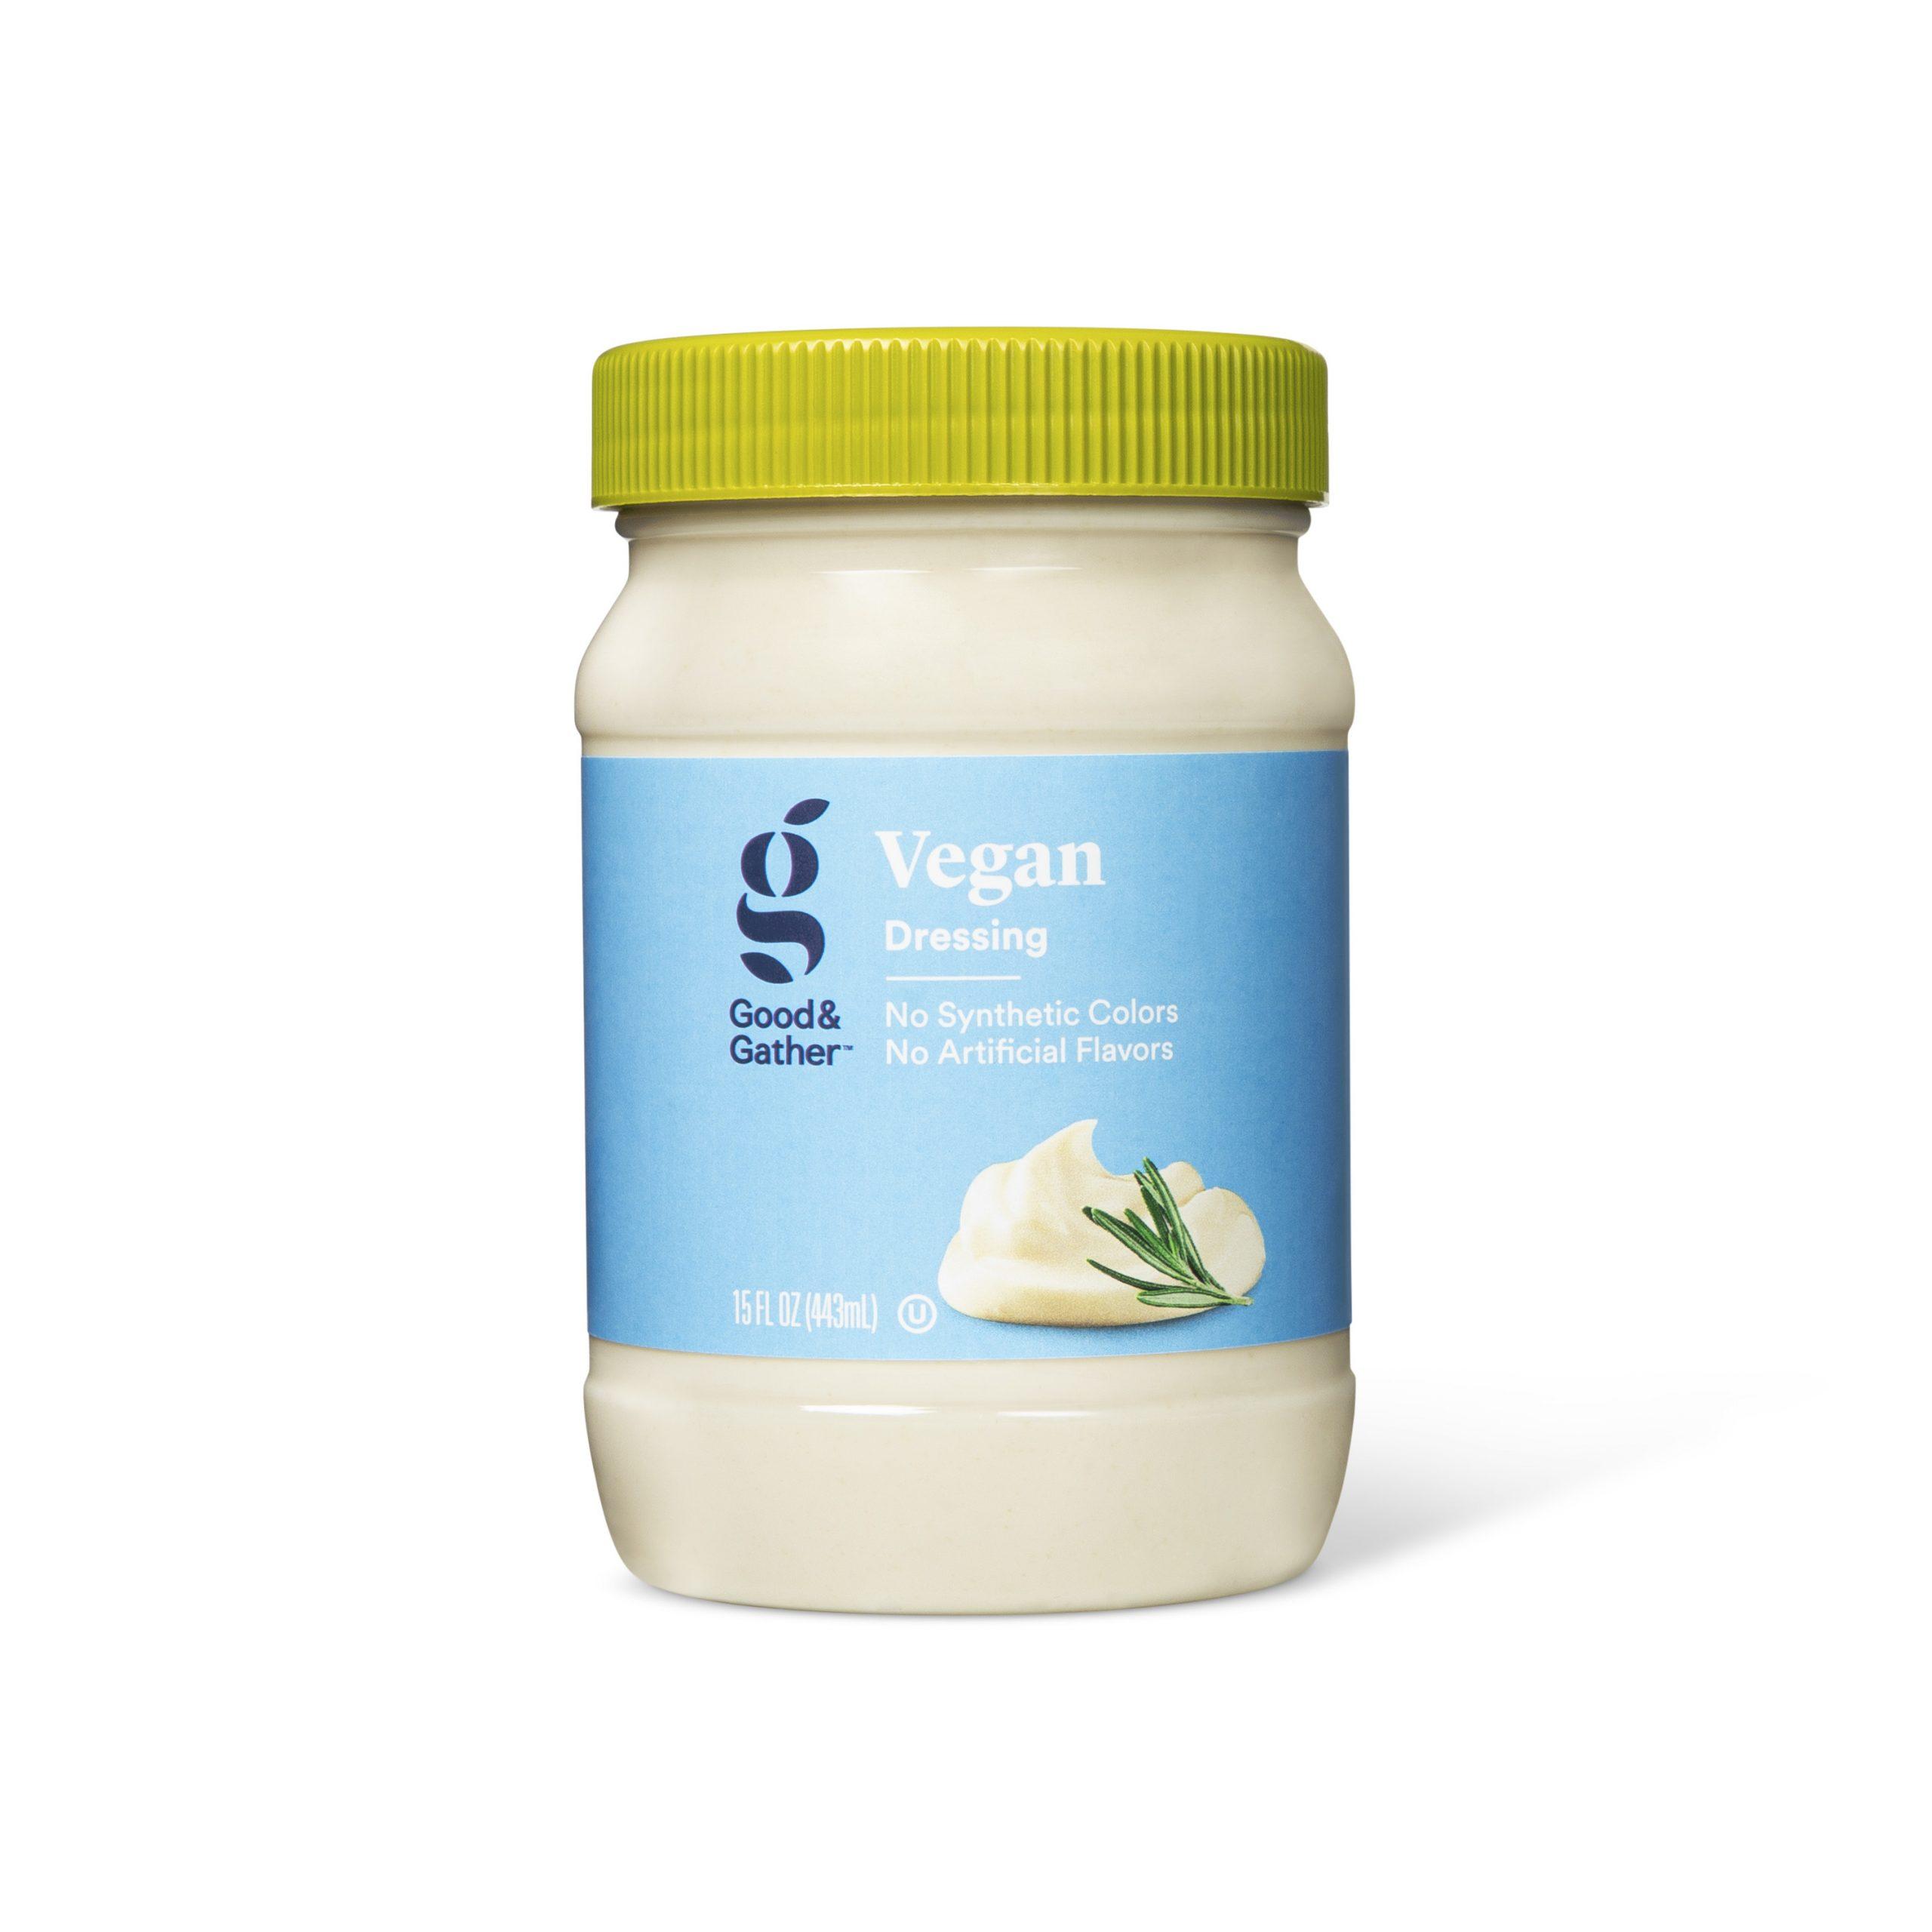 Vegan Mayo